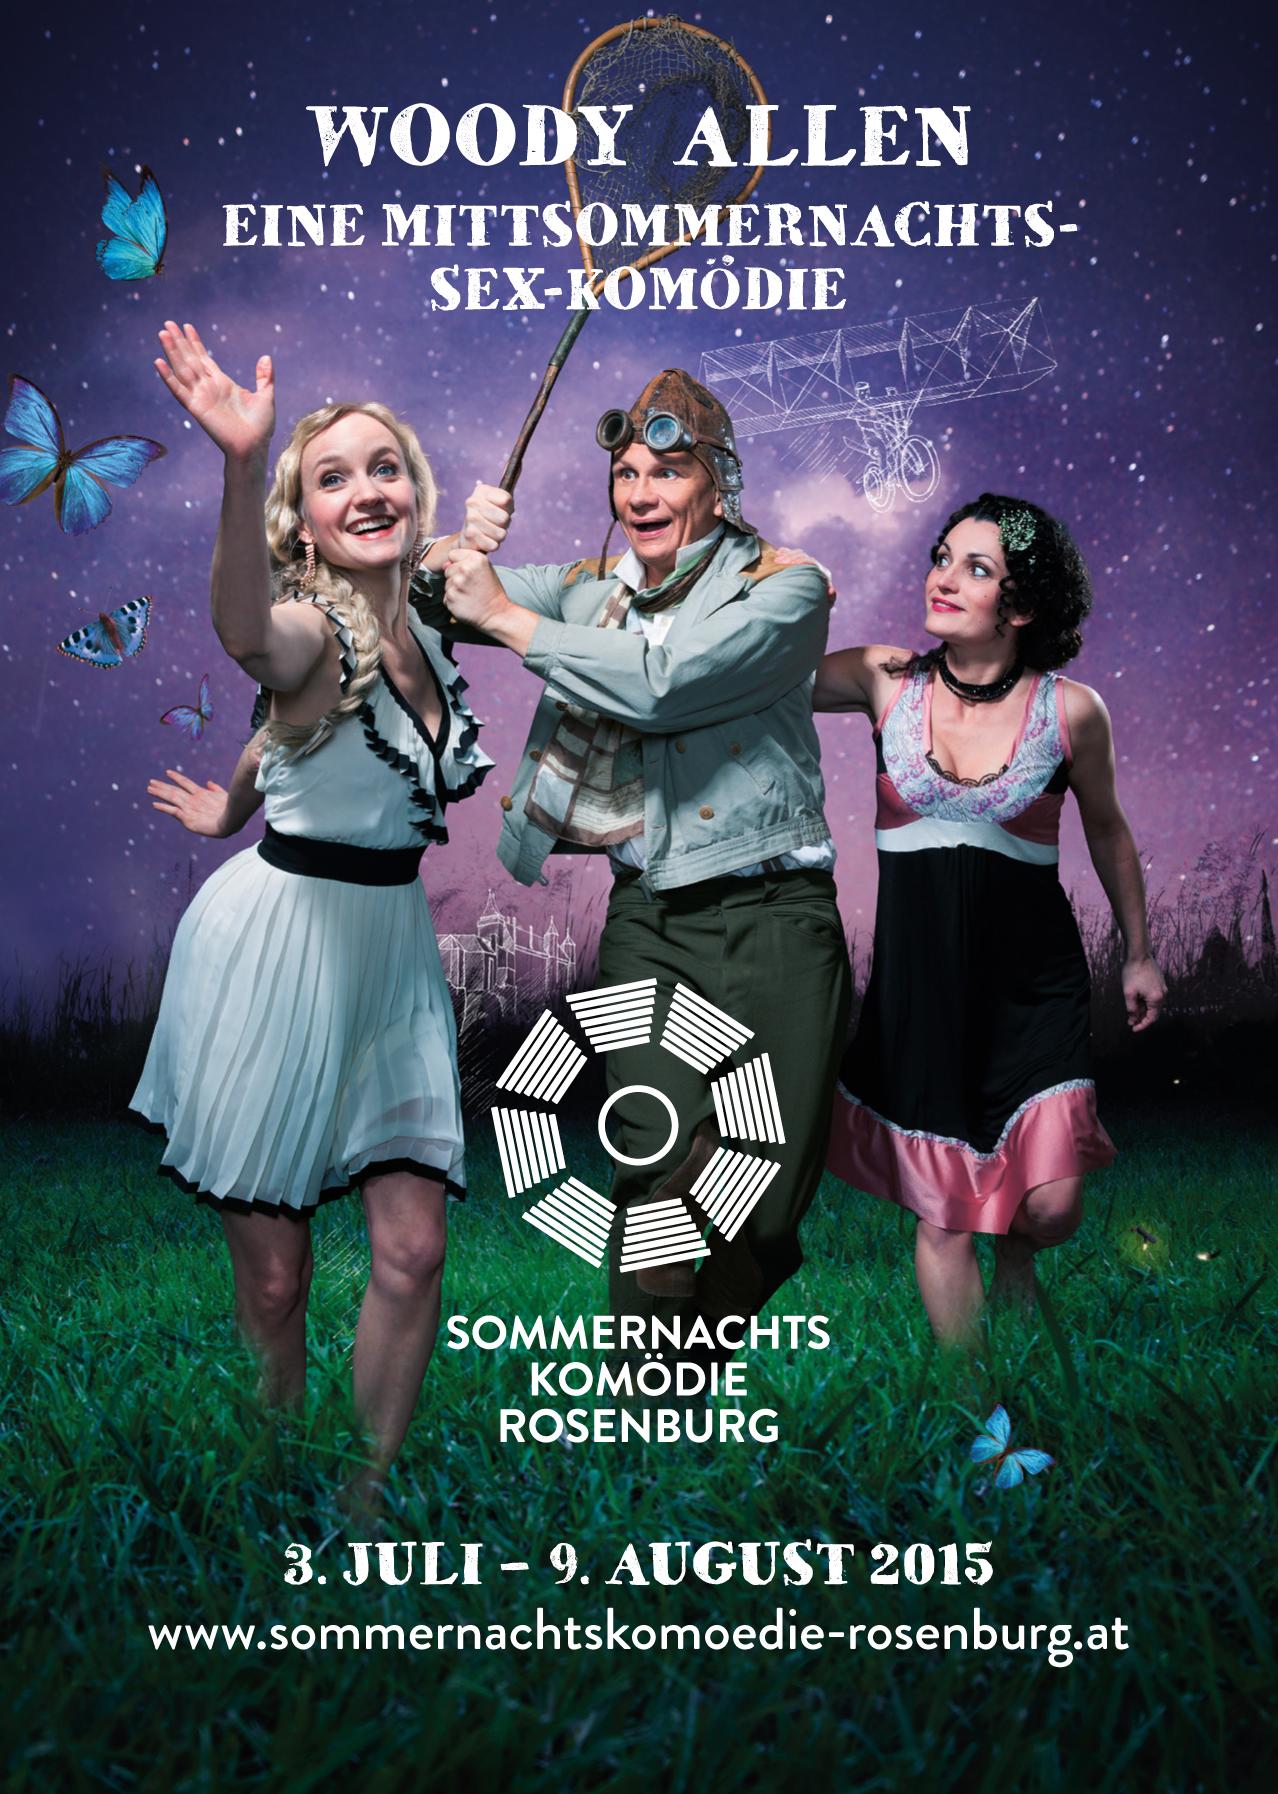 Sex Komödie